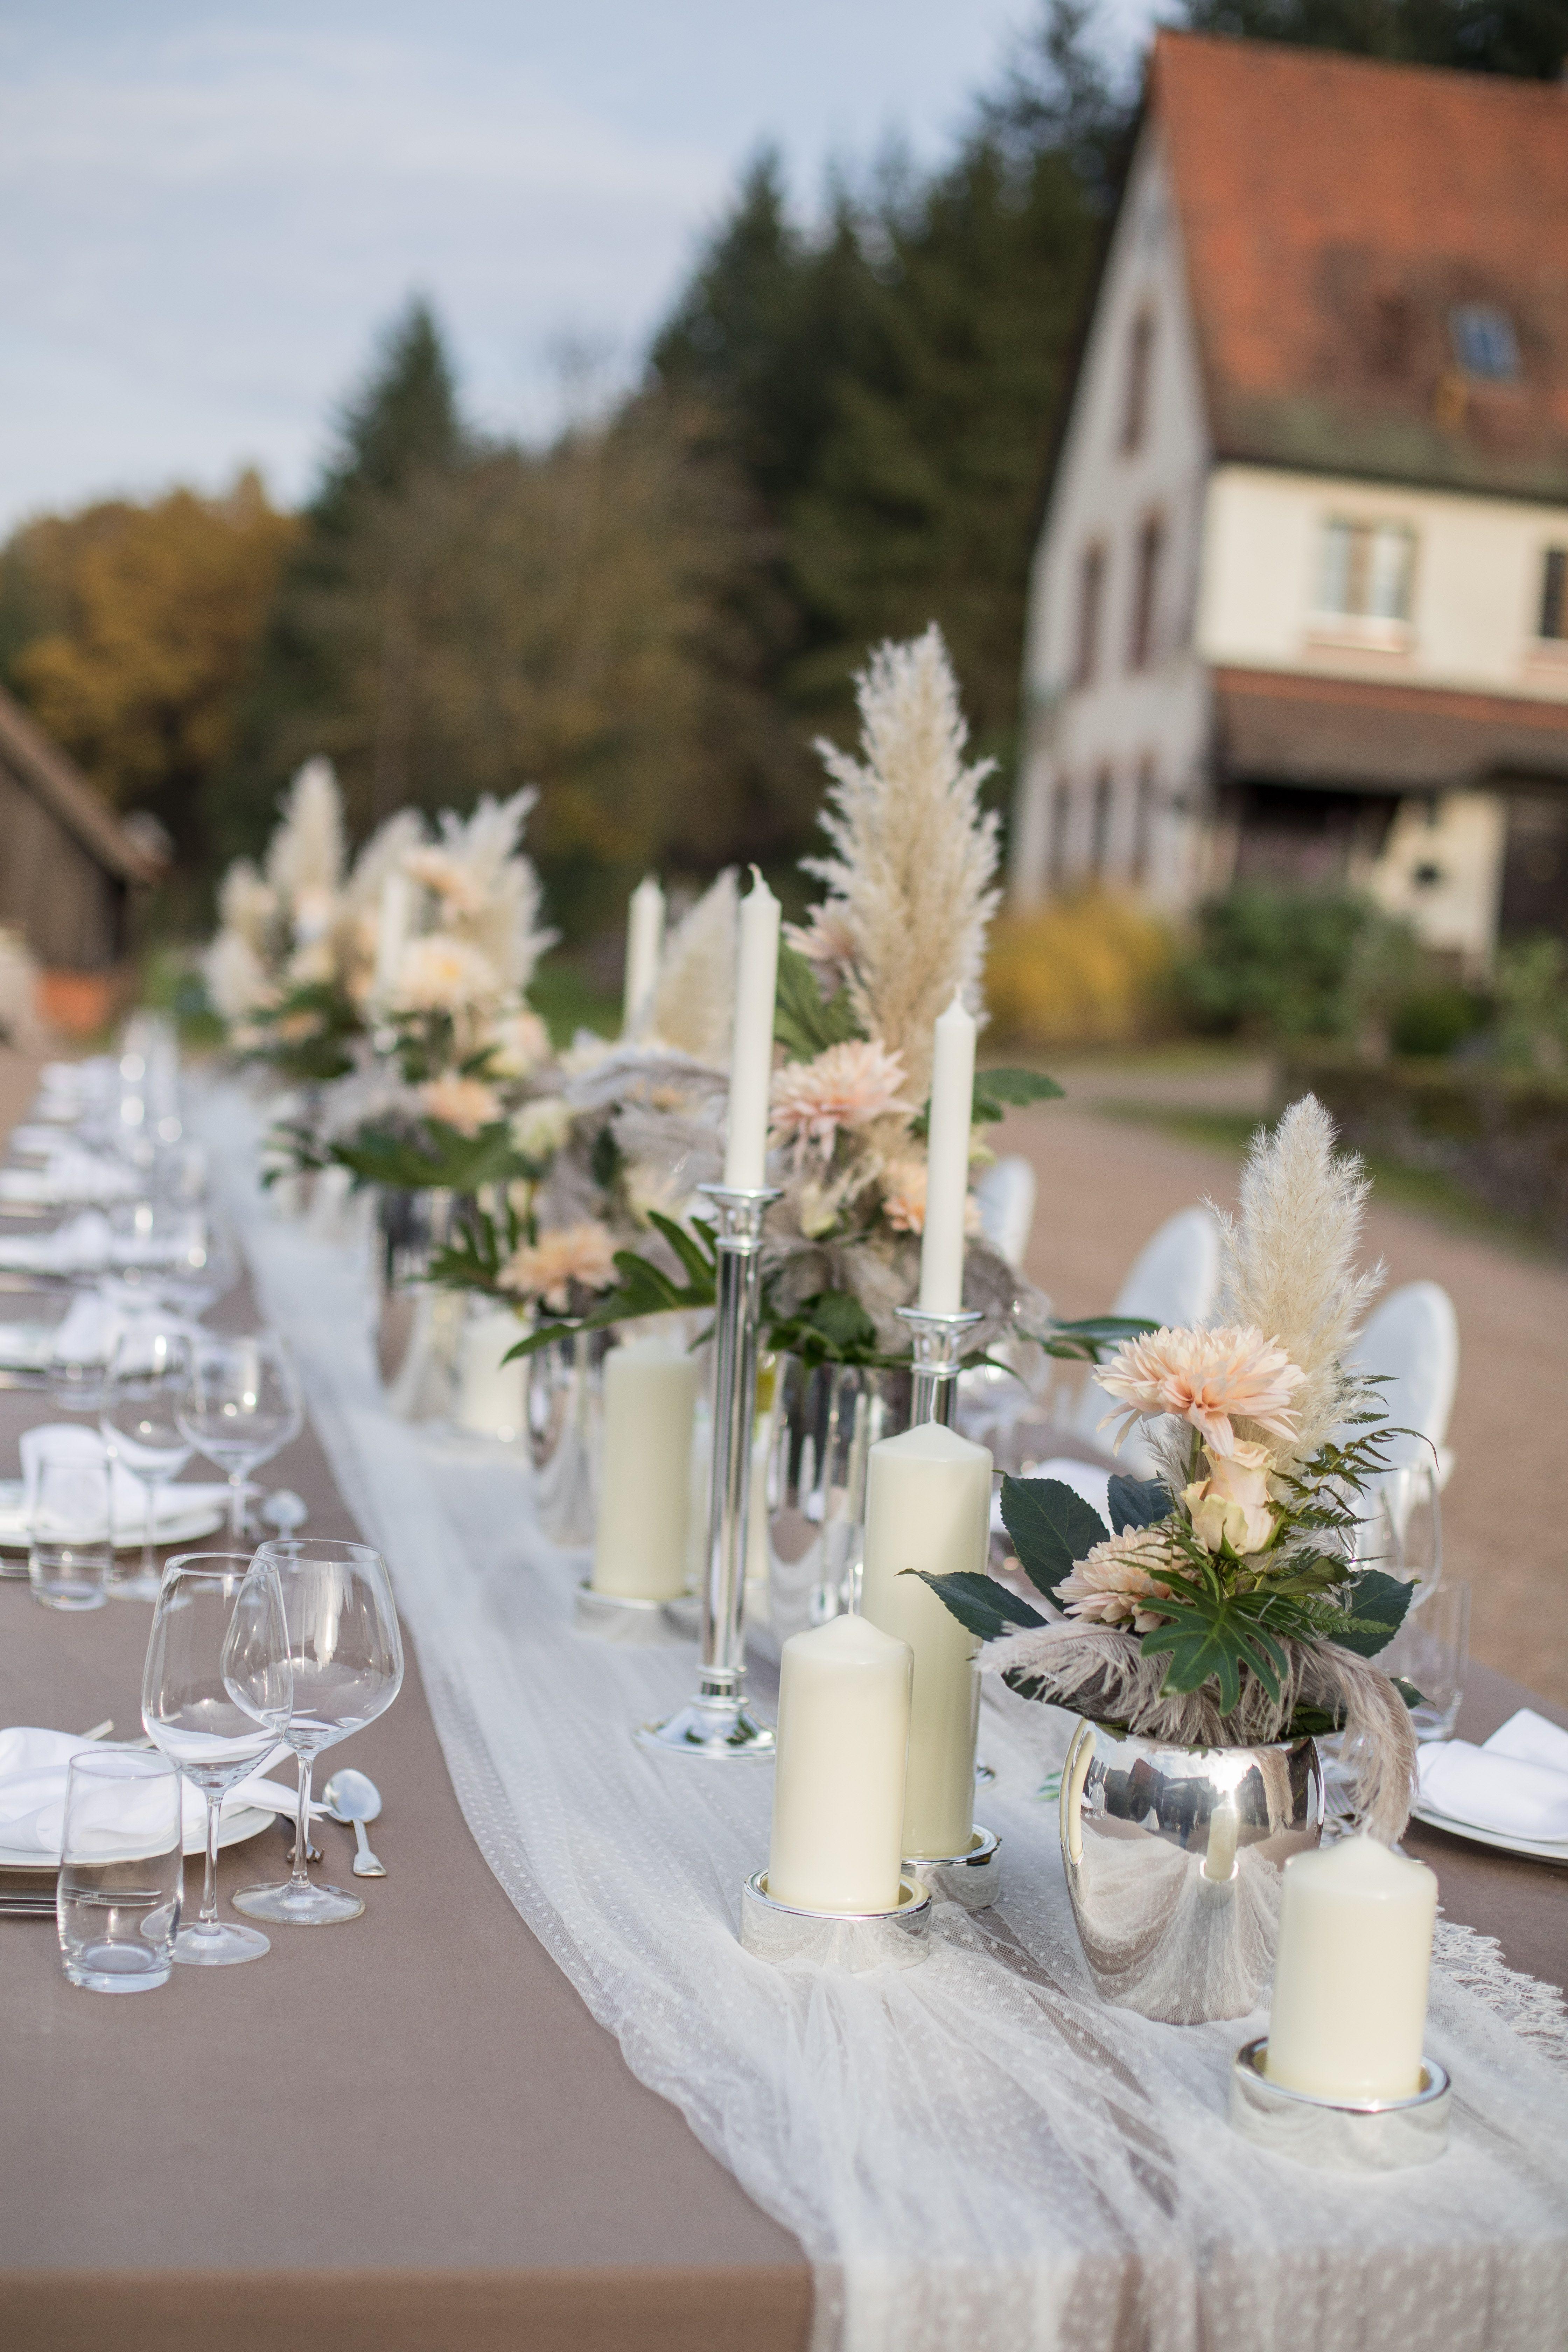 Birke Boho Federn Gedeckter Tisch Rustikal Greenery Idea Idee Outdoor Pampa Rosen Traumfan In 2020 Kinder Auf Der Hochzeit Mittelstucke Traumfanger Hochzeit